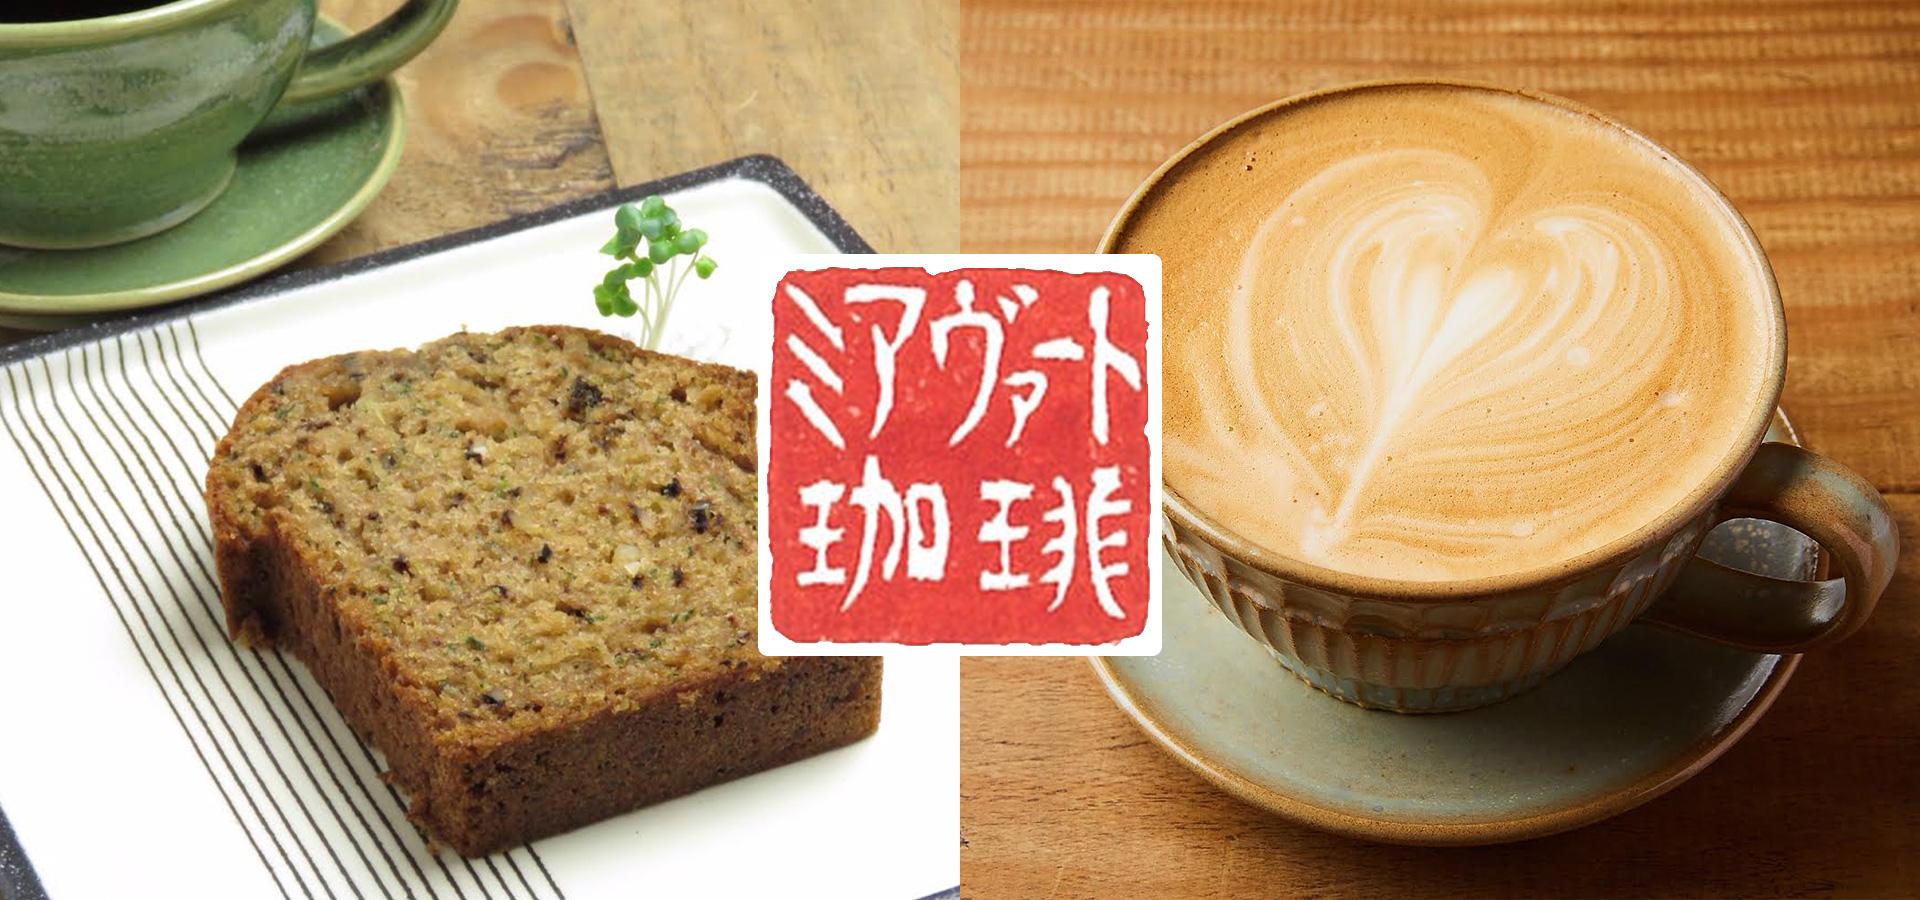 ミアヴァート珈琲 カフェ/バー、喫茶店、ドリップコーヒー、ケーキ、東京都中央区新川2-25-10